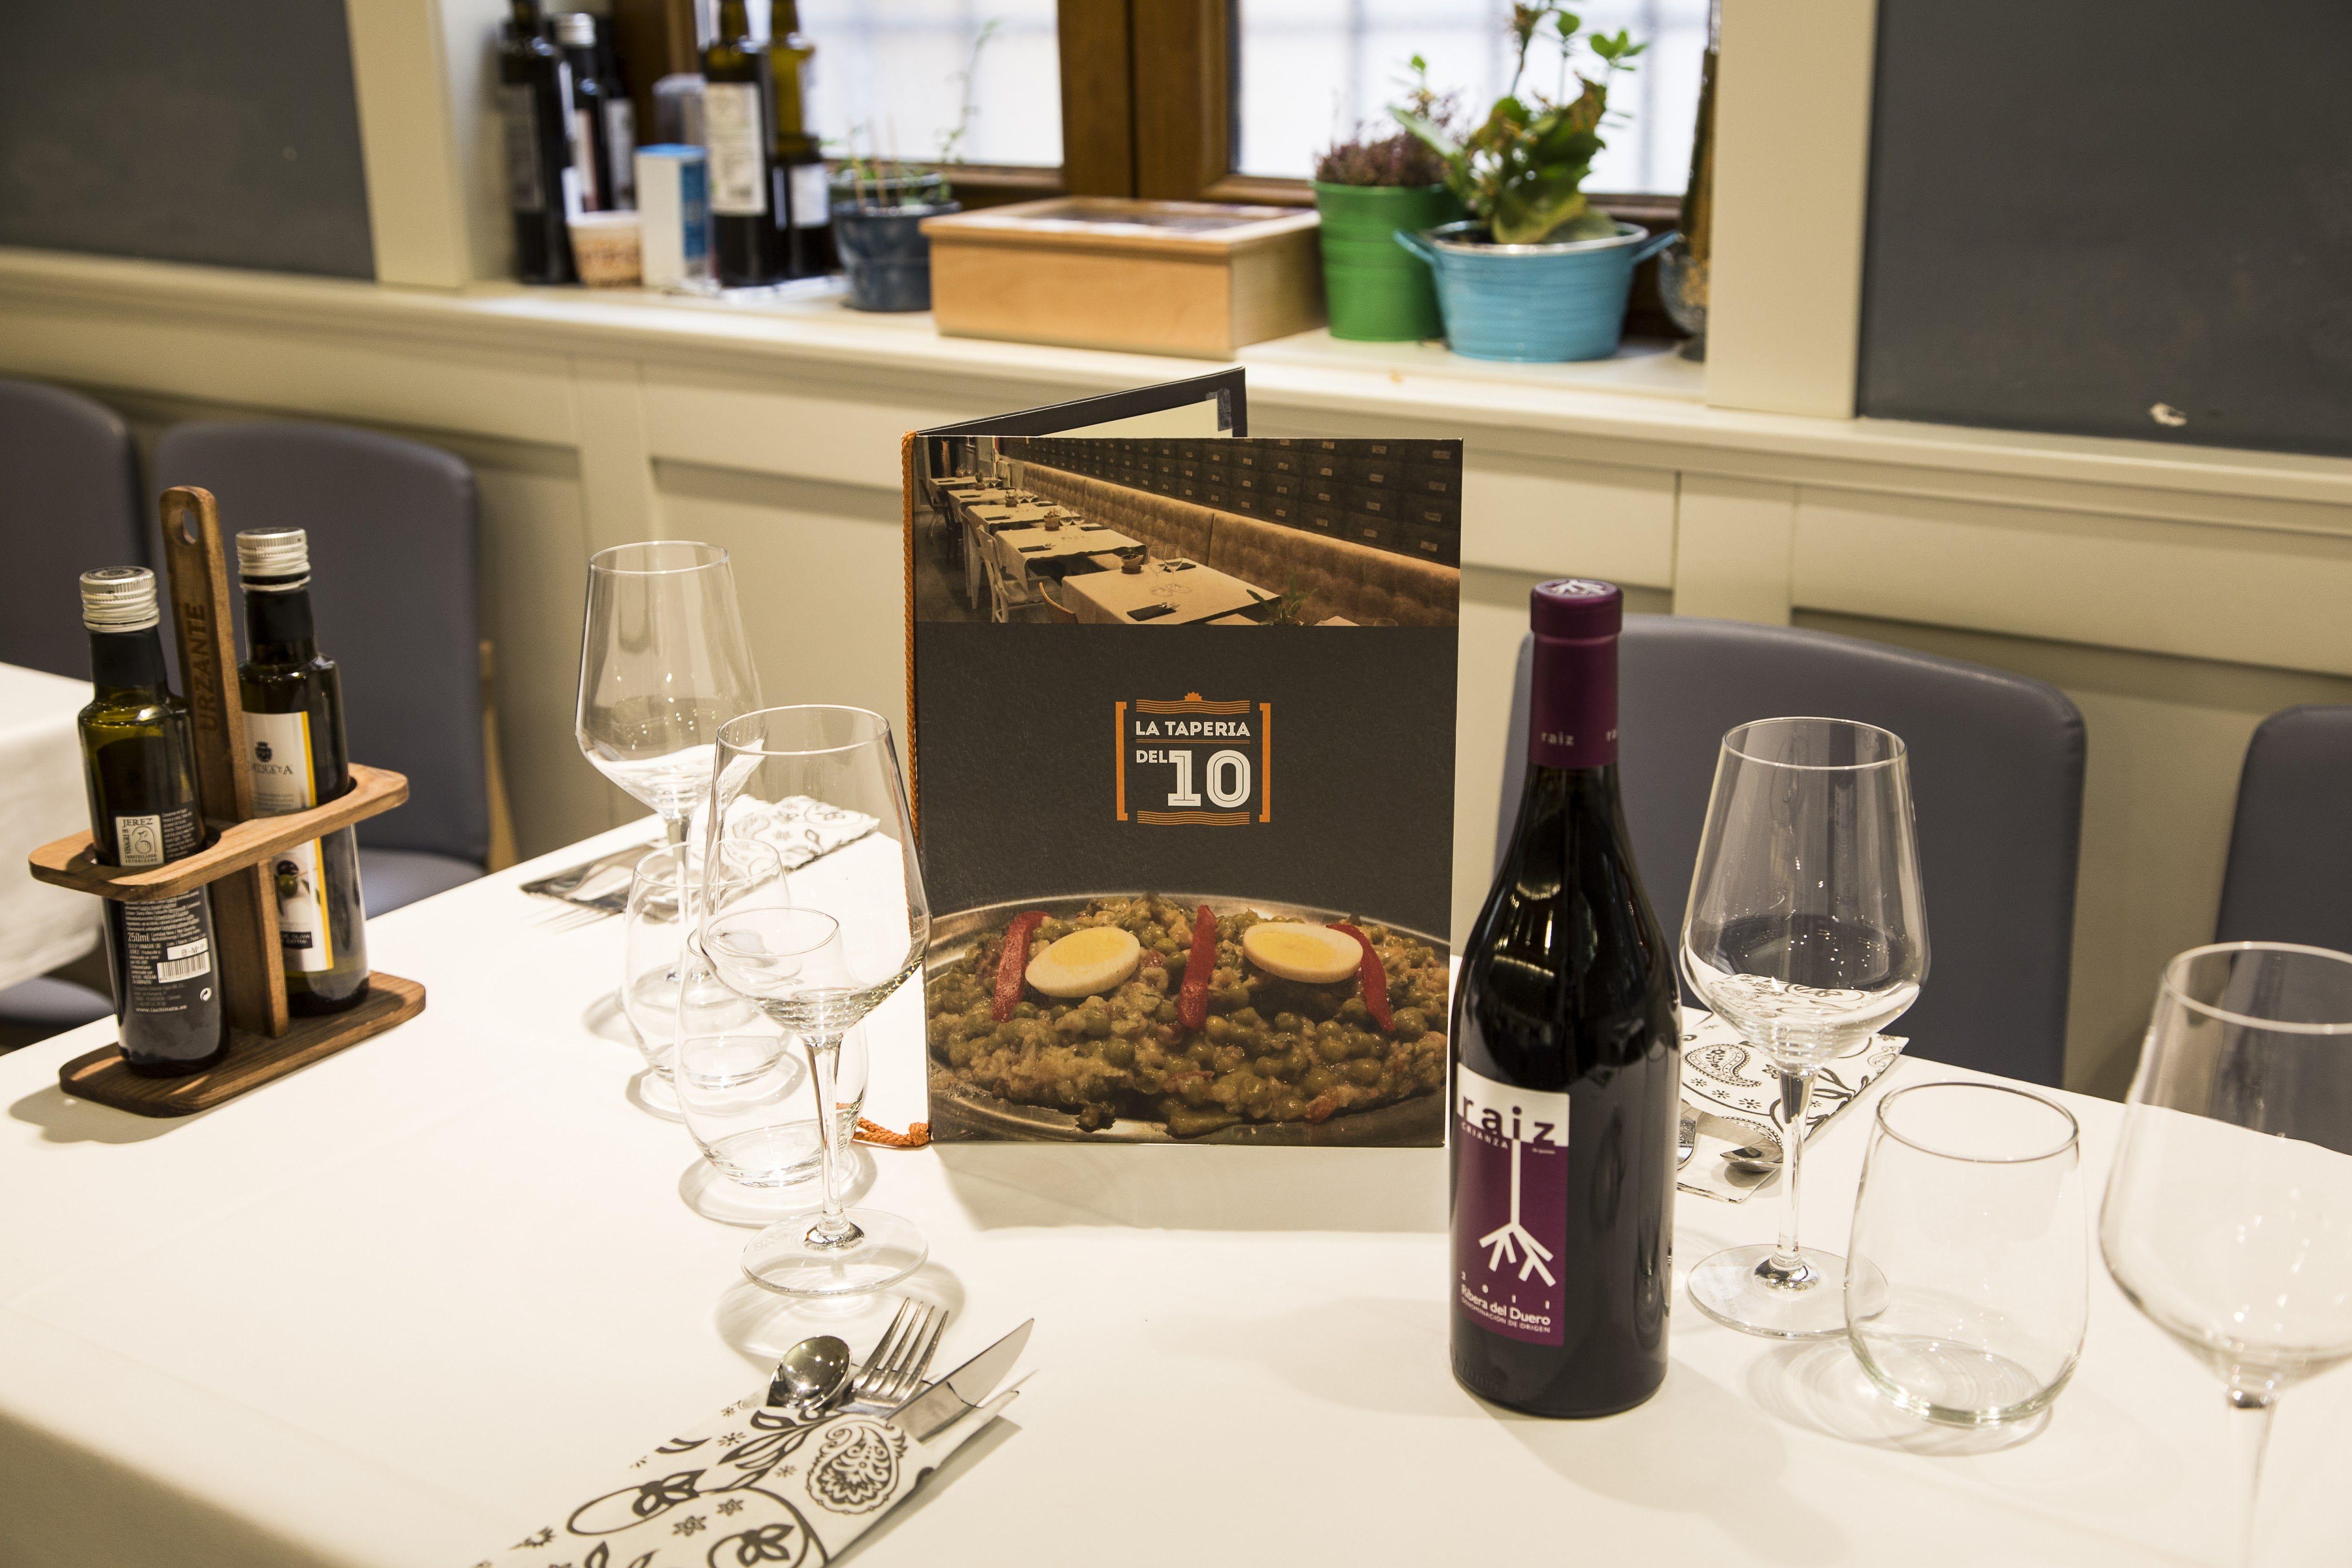 Foto 19 de Restaurante en Palencia | La Tapería del 10